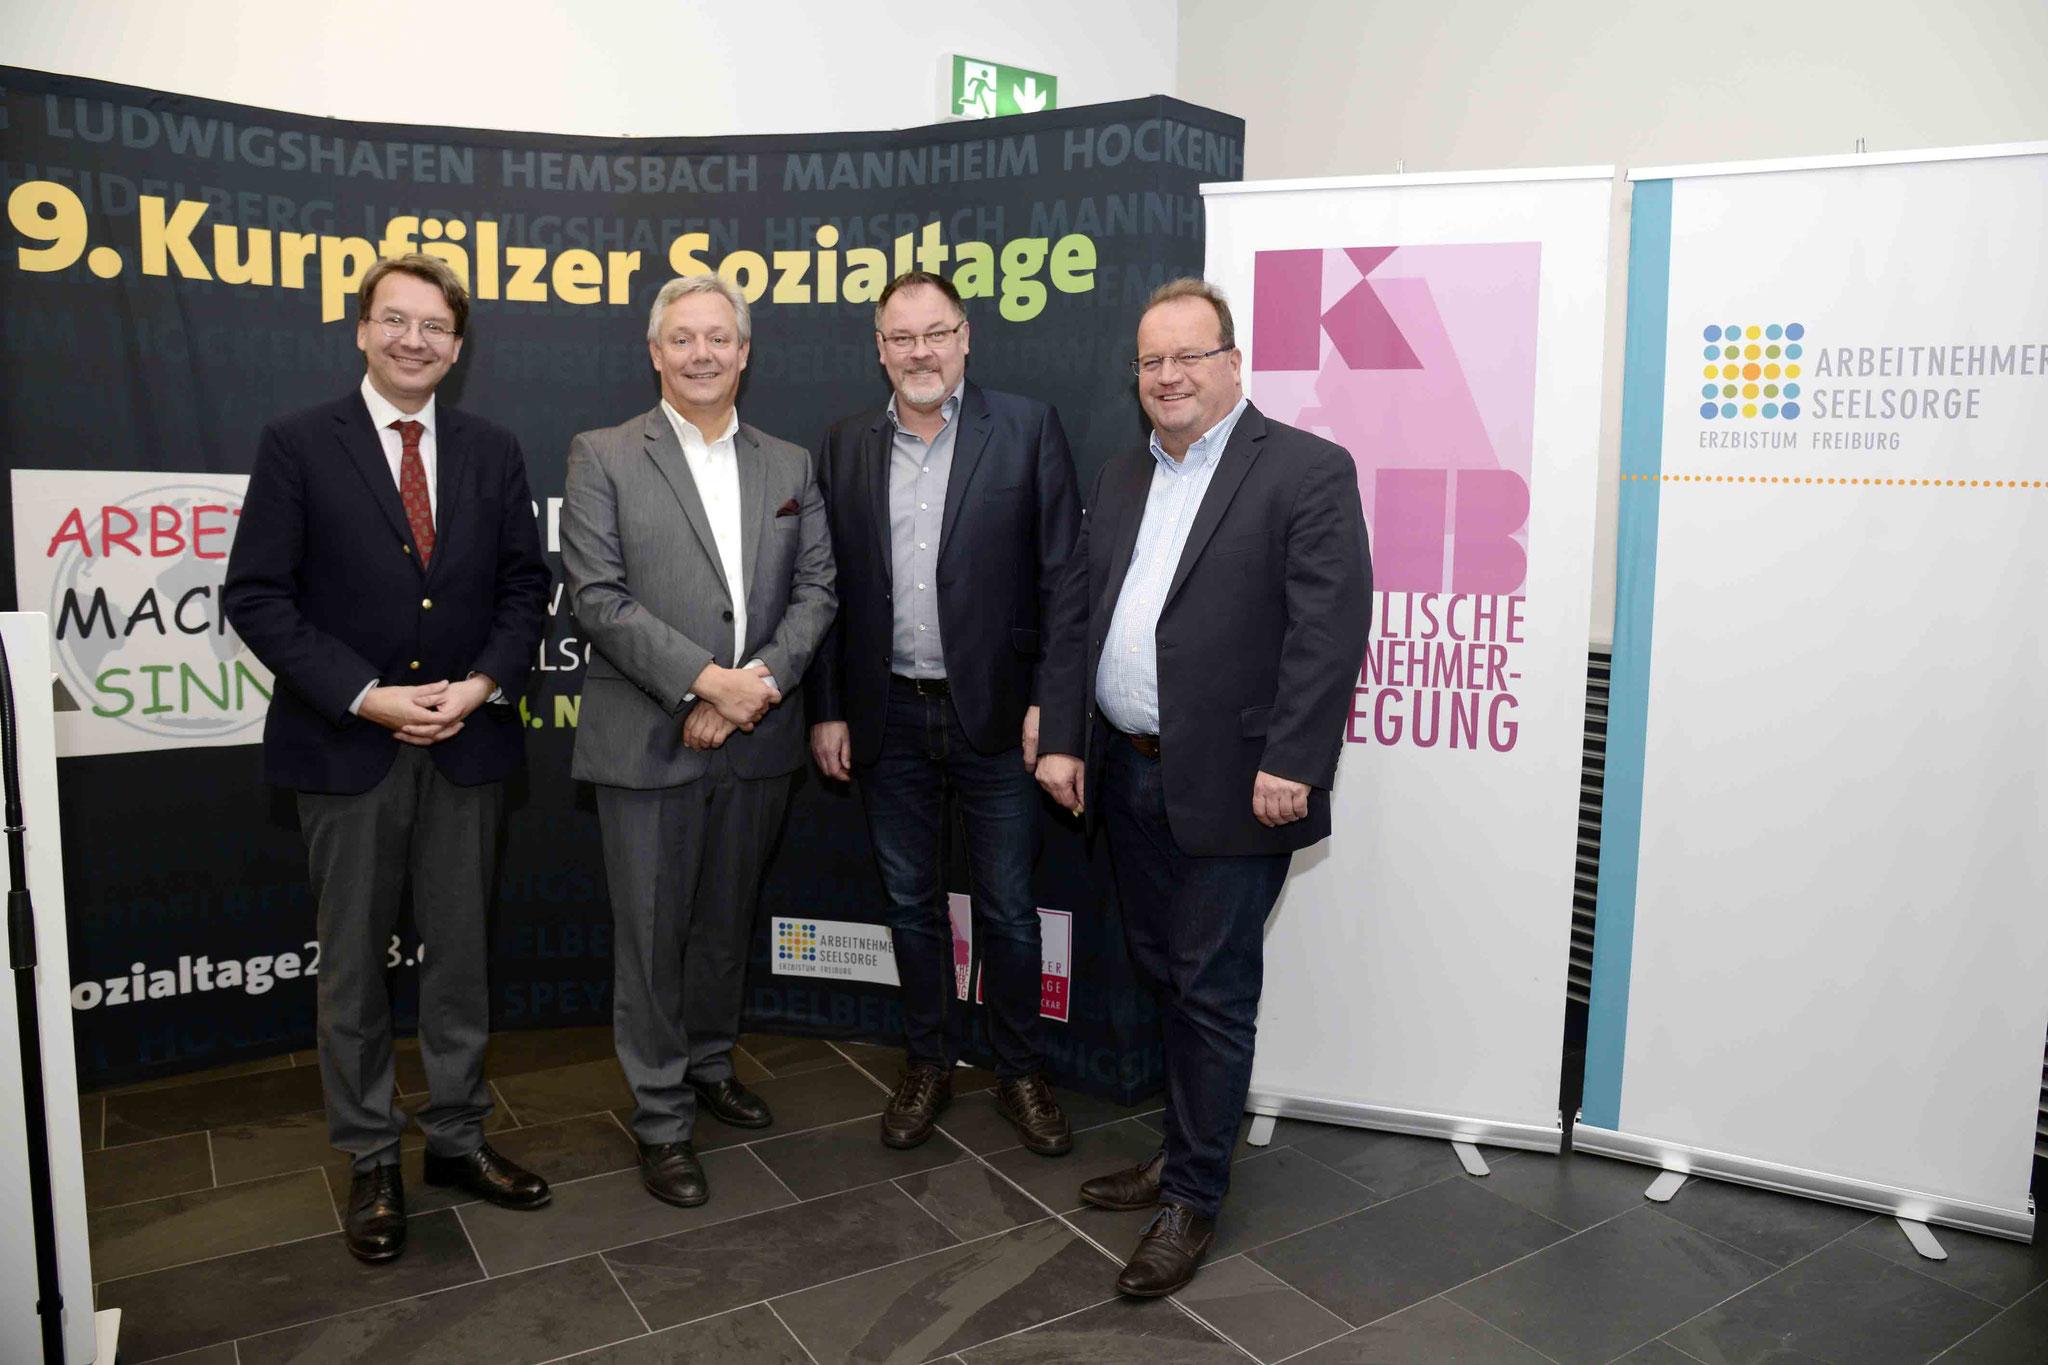 Dr. Gröpl, Prof. Dr. Felder, Ulf Bergemann (Referent für Arbeitnehmerpastoral KAB in Mannheim), Uwe Terhorst (Referent für Arbeitnehmerpastoral / KAB in Mannheim), Bild: Copyright by Helmut G. Roos